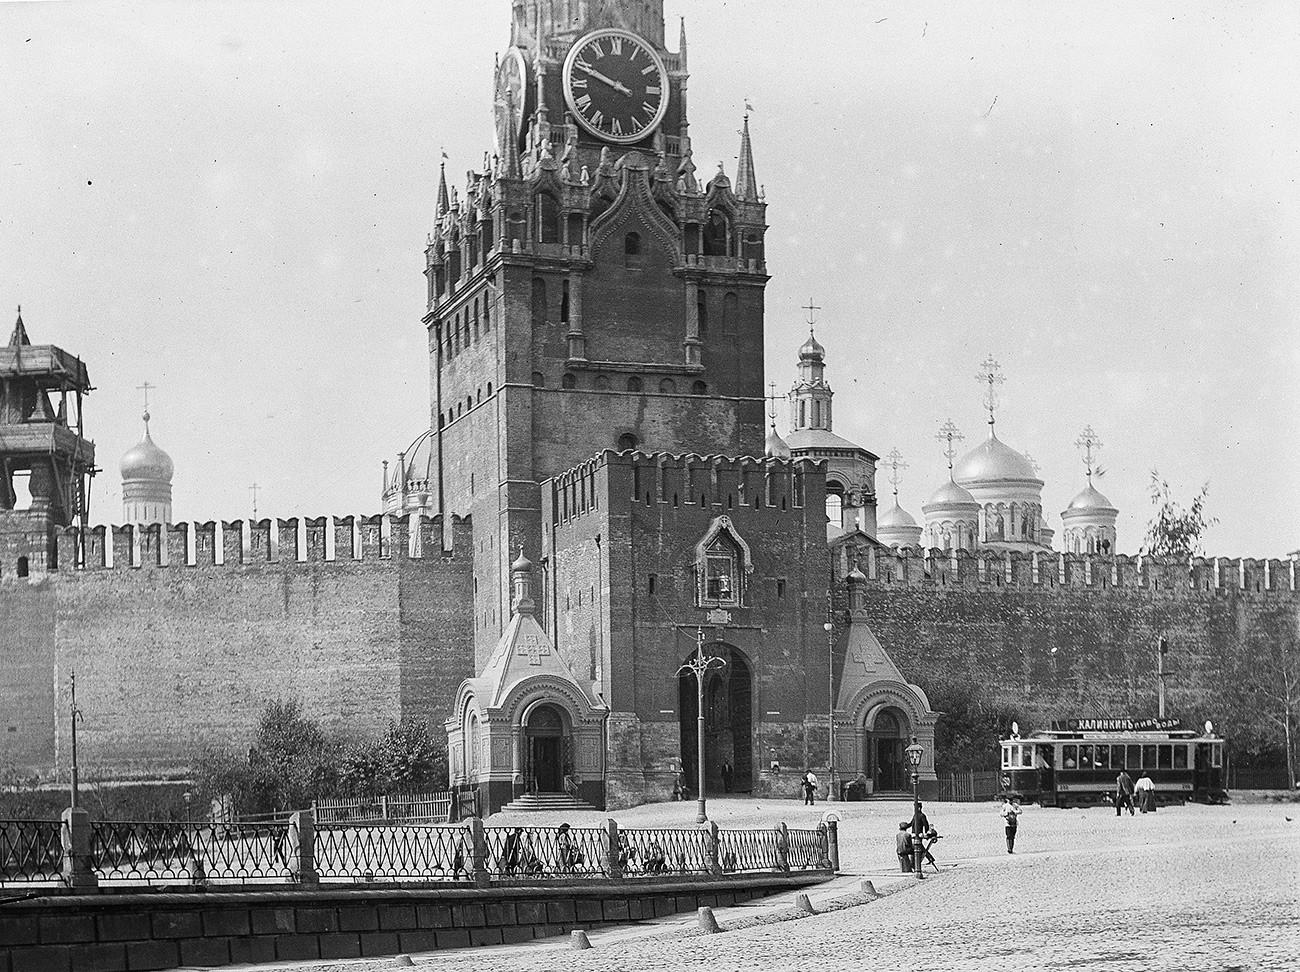 赤の広場での路面電車